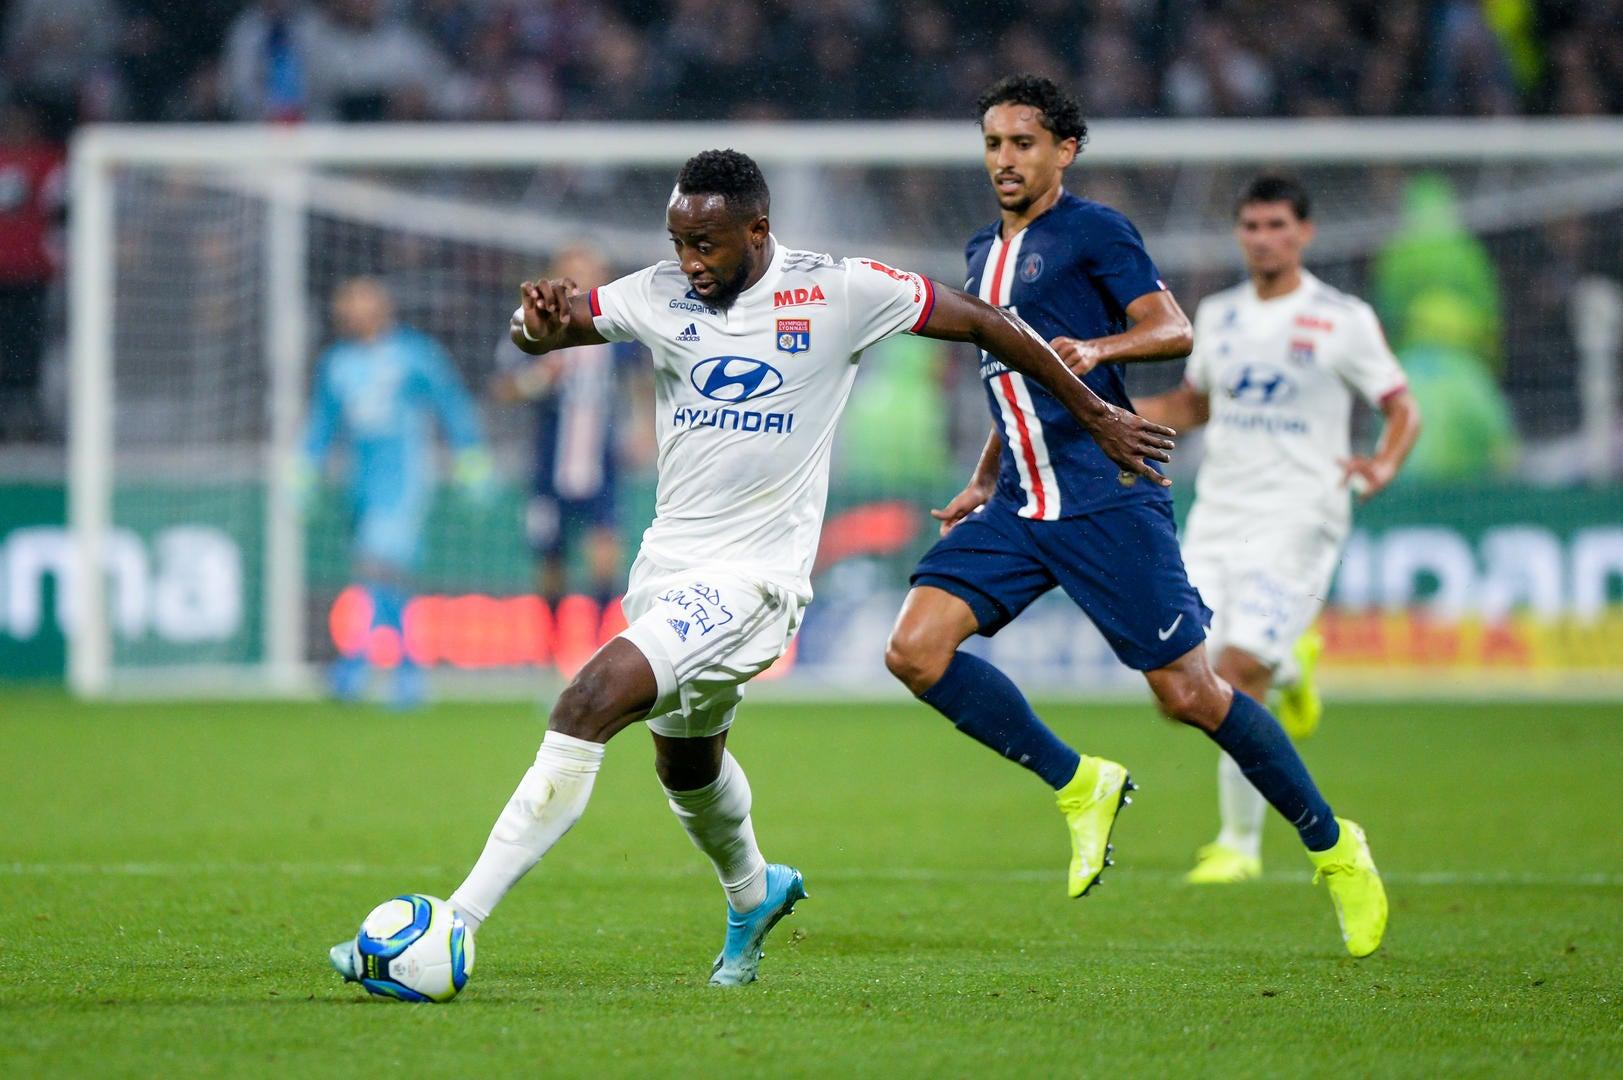 الدوري الفرنسي: الرابطة ترفض صيغة مشاركة 22 فريقا الموسم المقبل